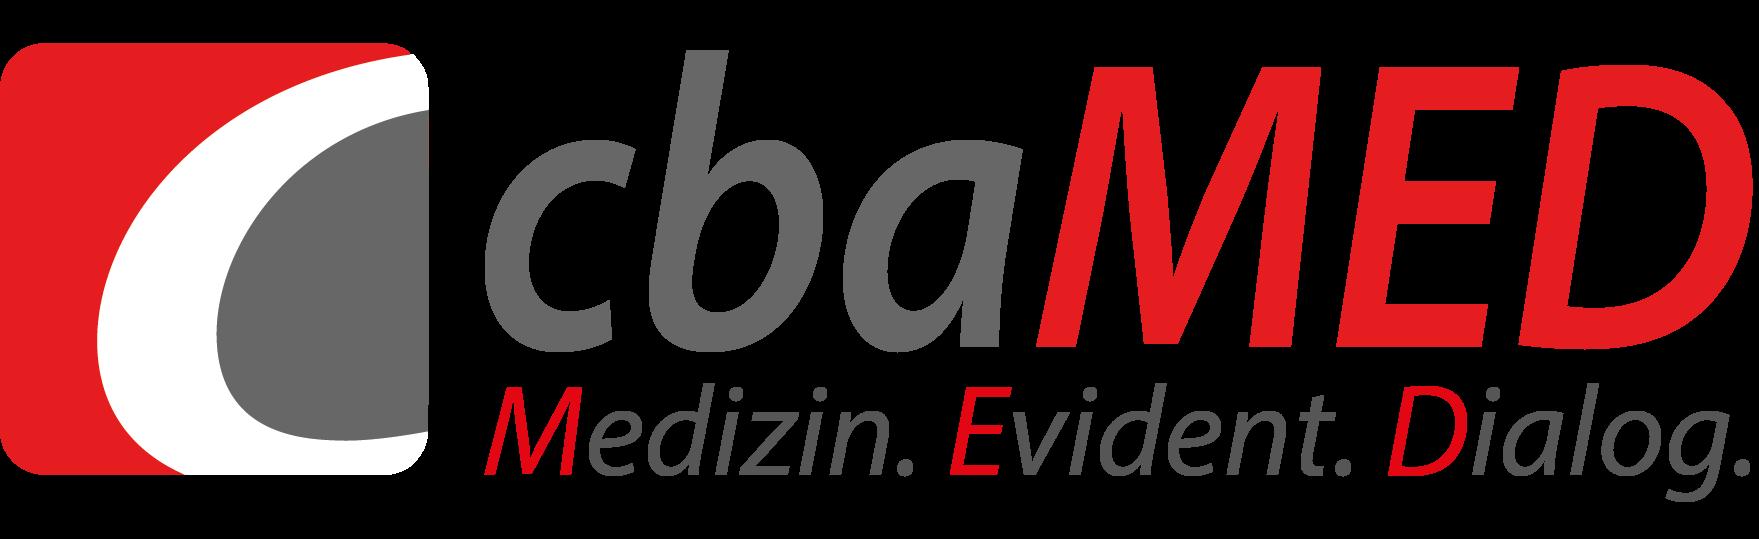 cbaMED - AHA ACLS Provider